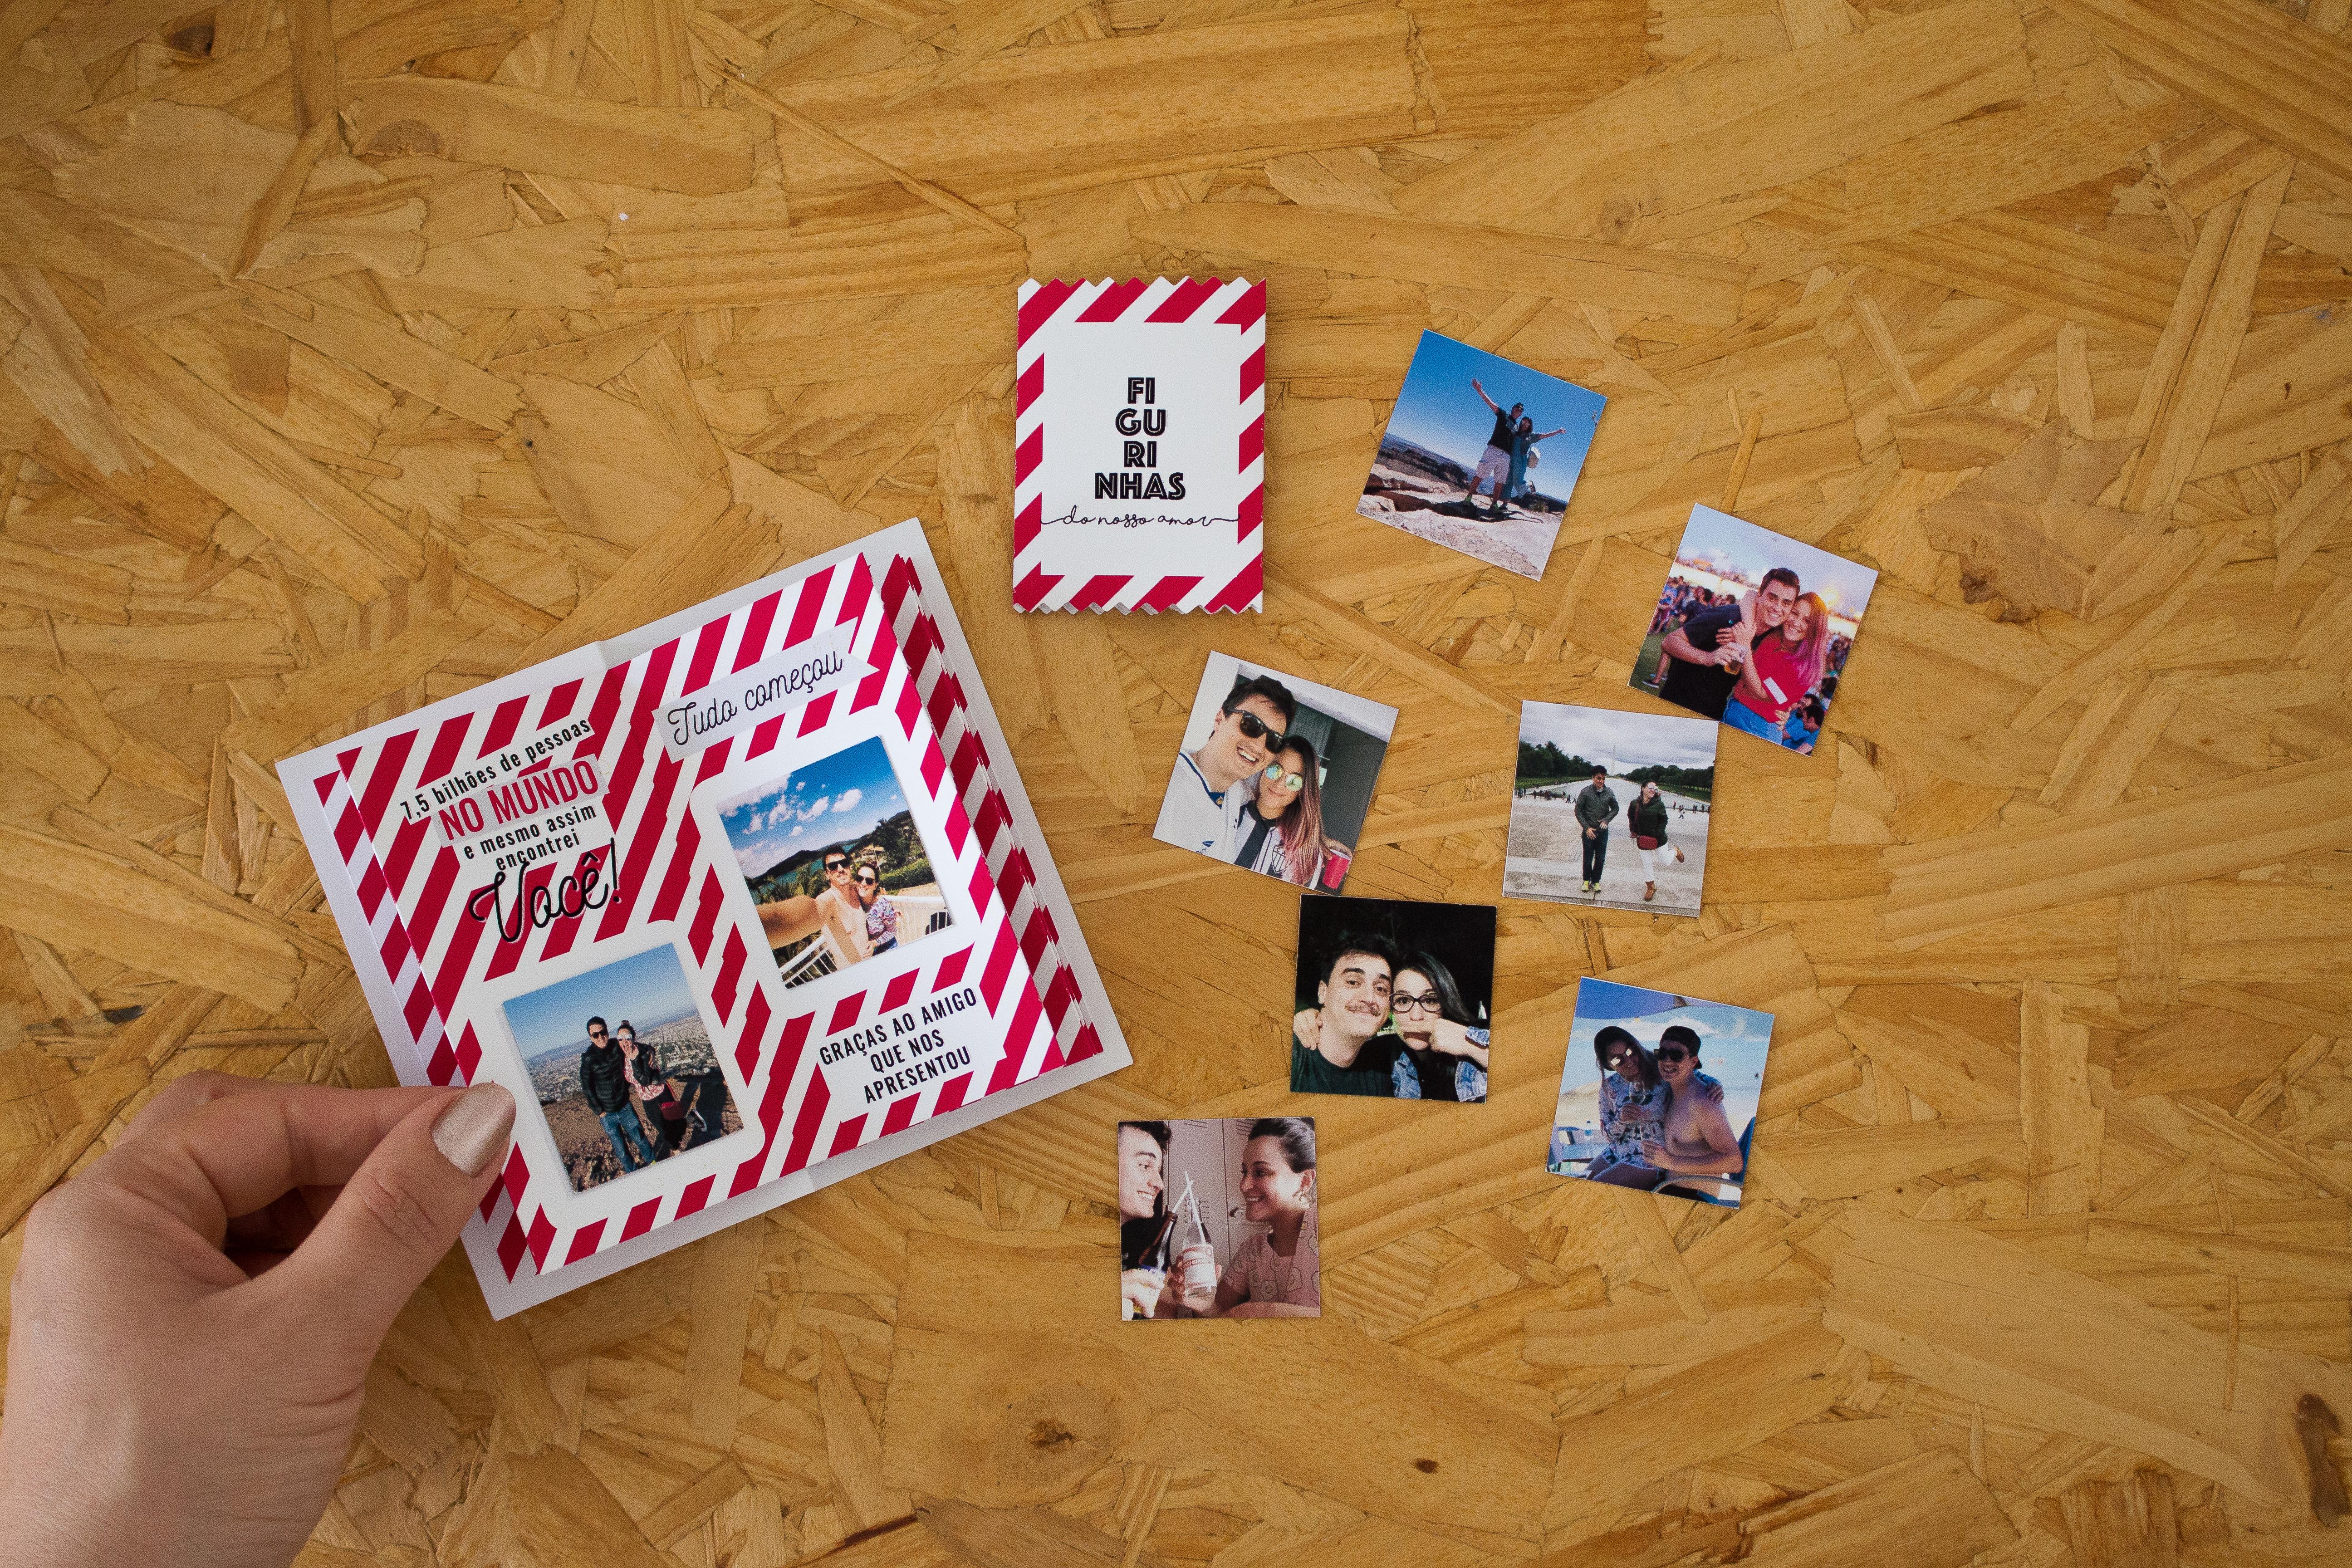 presente-namoro-distancia-dia-dos-namorados-presente-criativo-personalizado-laina-laine-caixa-desejo-a-voce-3